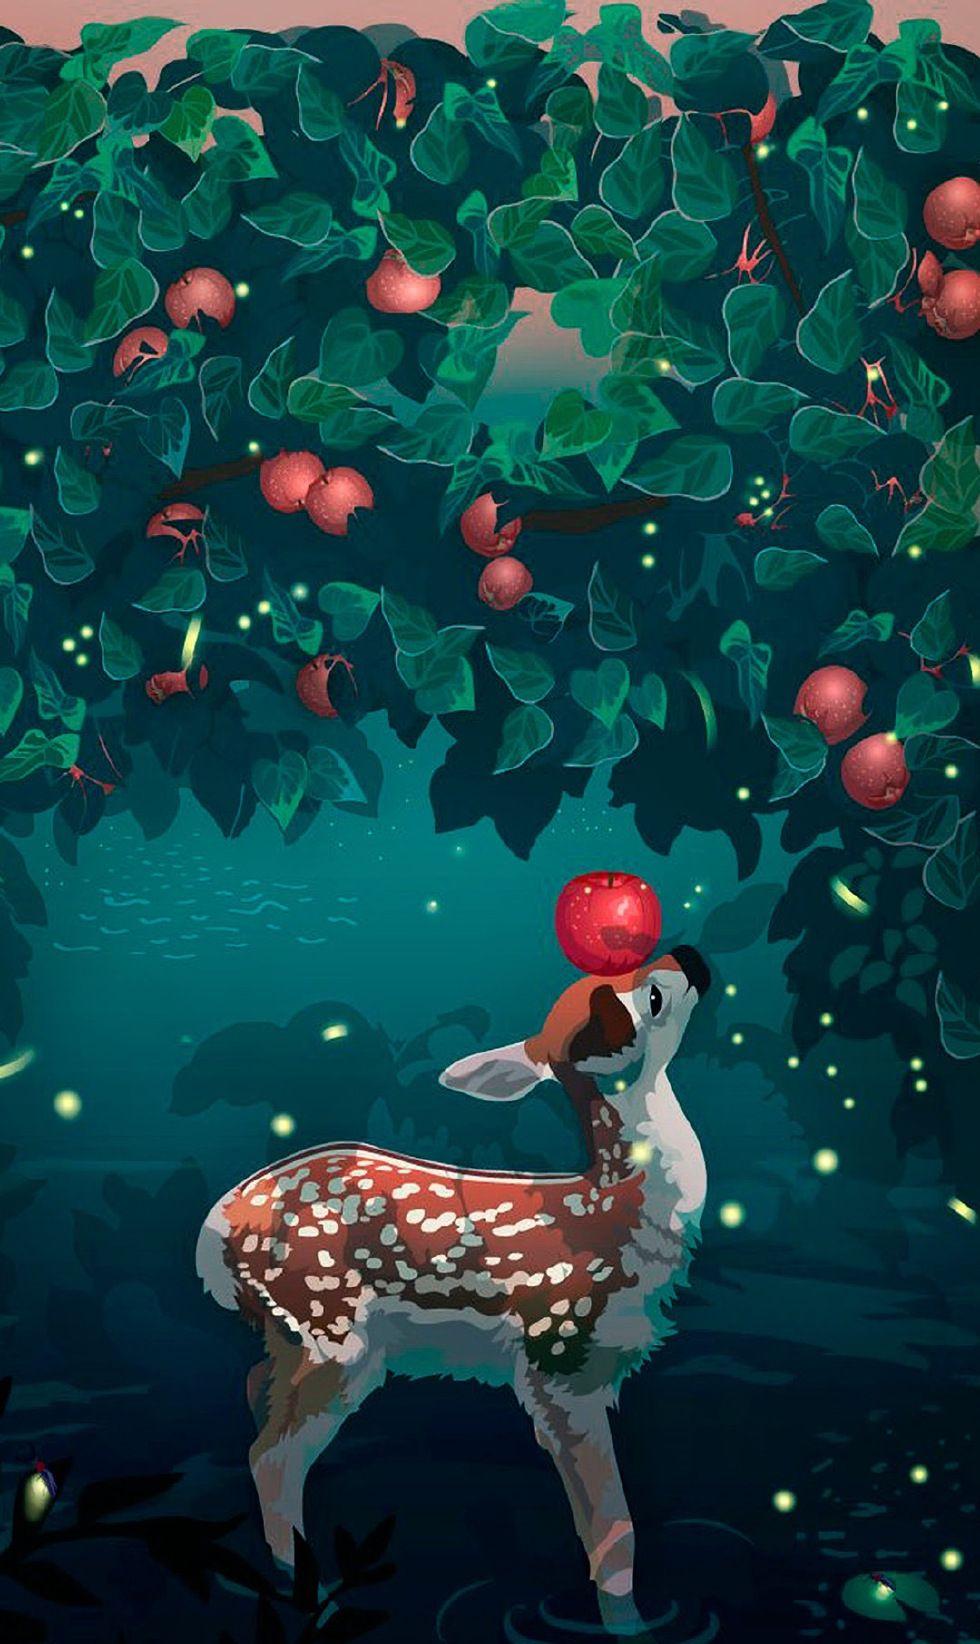 简约唯美手绘插画高清手机壁纸,最美的创意就是天马行